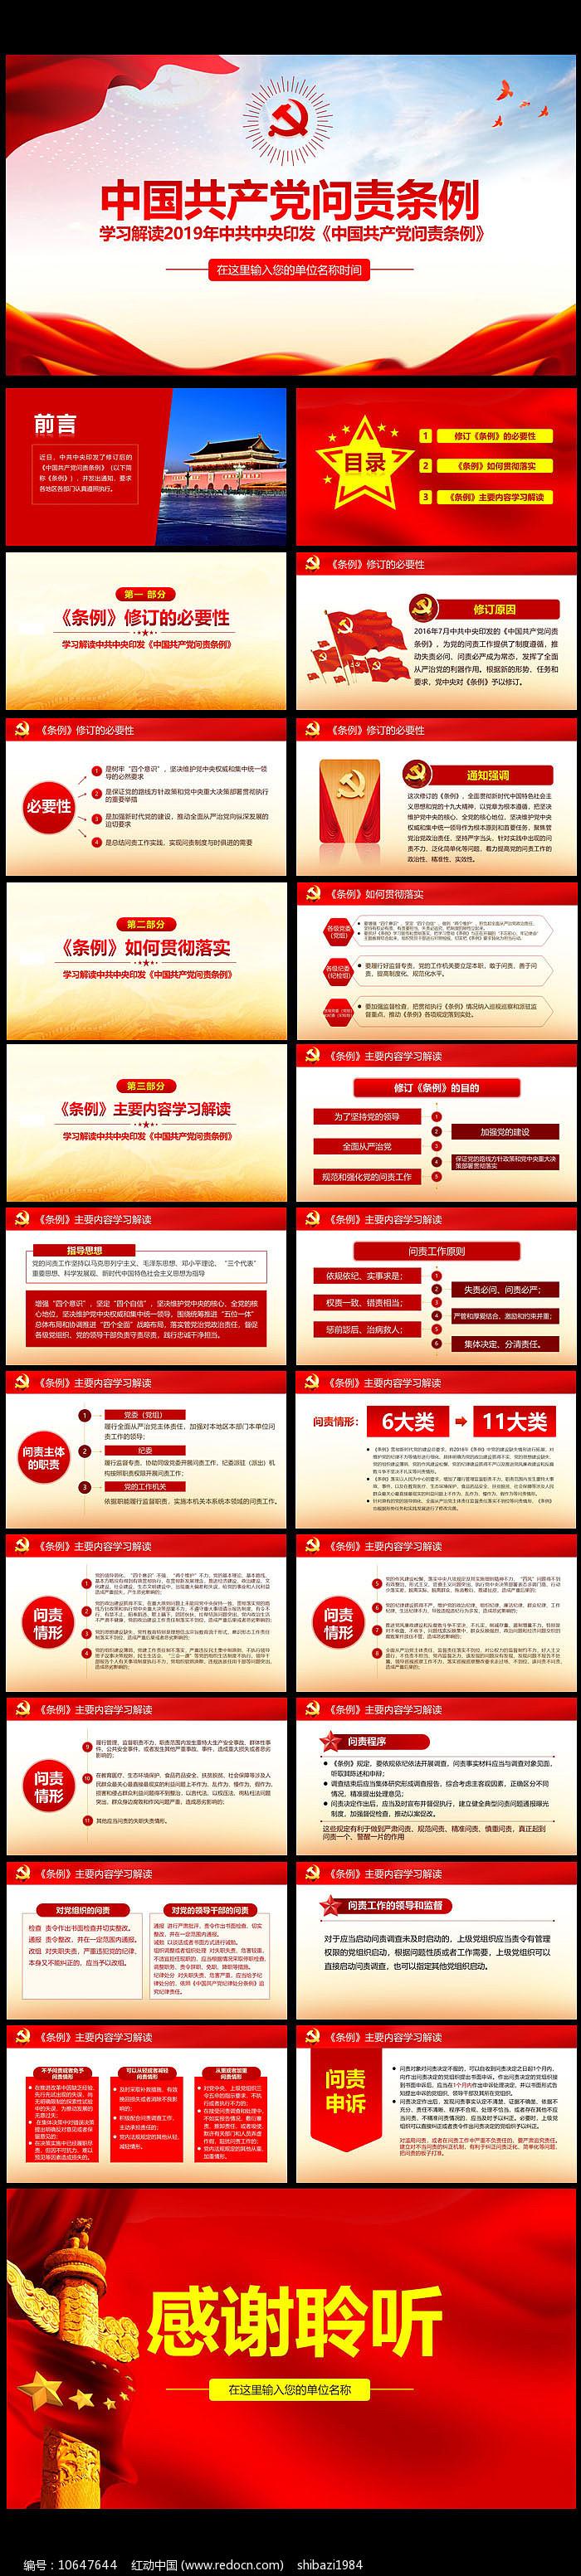 解读2019中国共产党问责条例PPT图片